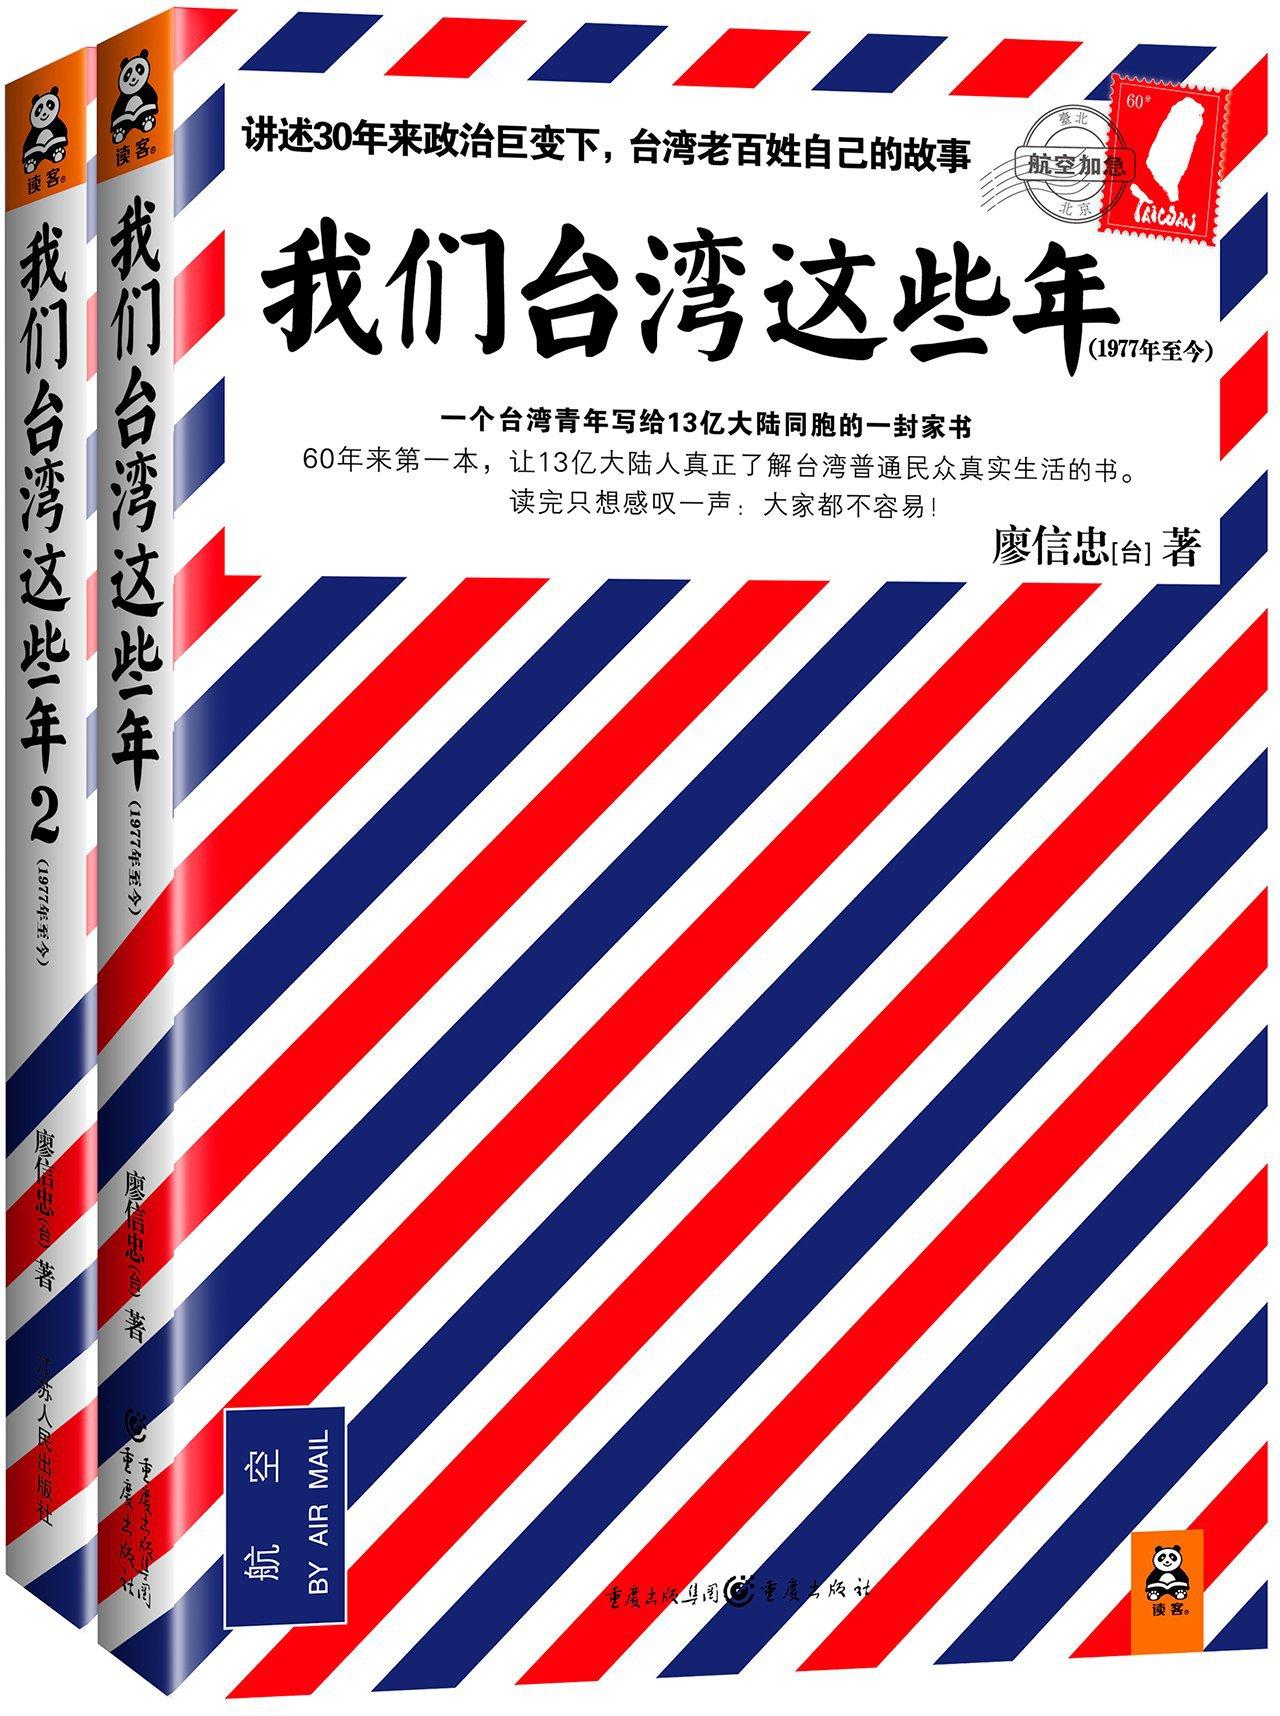 台北故宫/总统府必须去~台湾很美